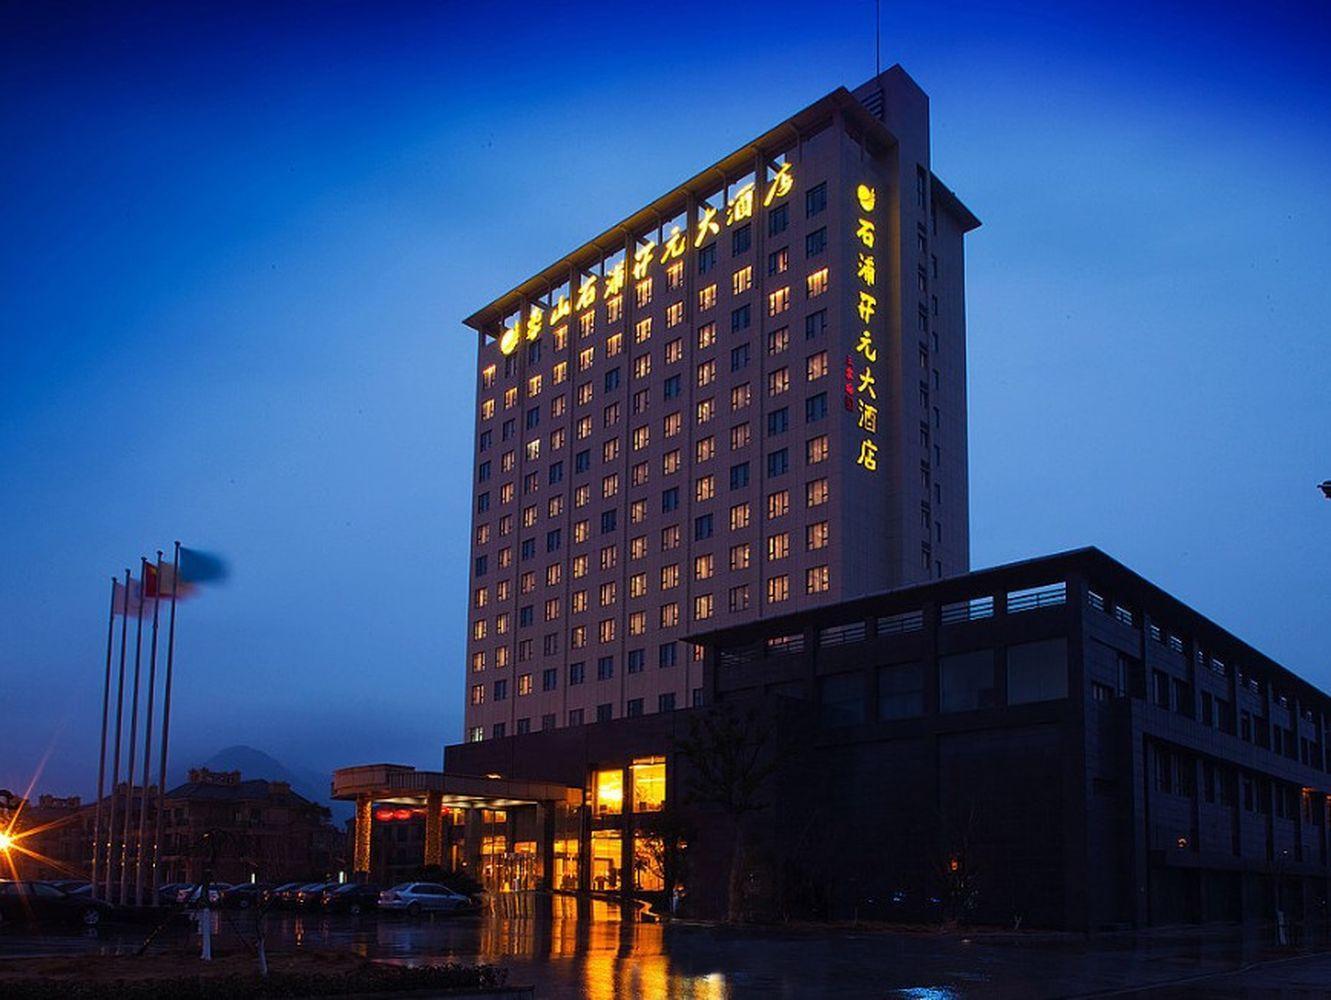 xiangshan hotels ningbo china hotels in xiangshan at discount rates rh chiangdao com